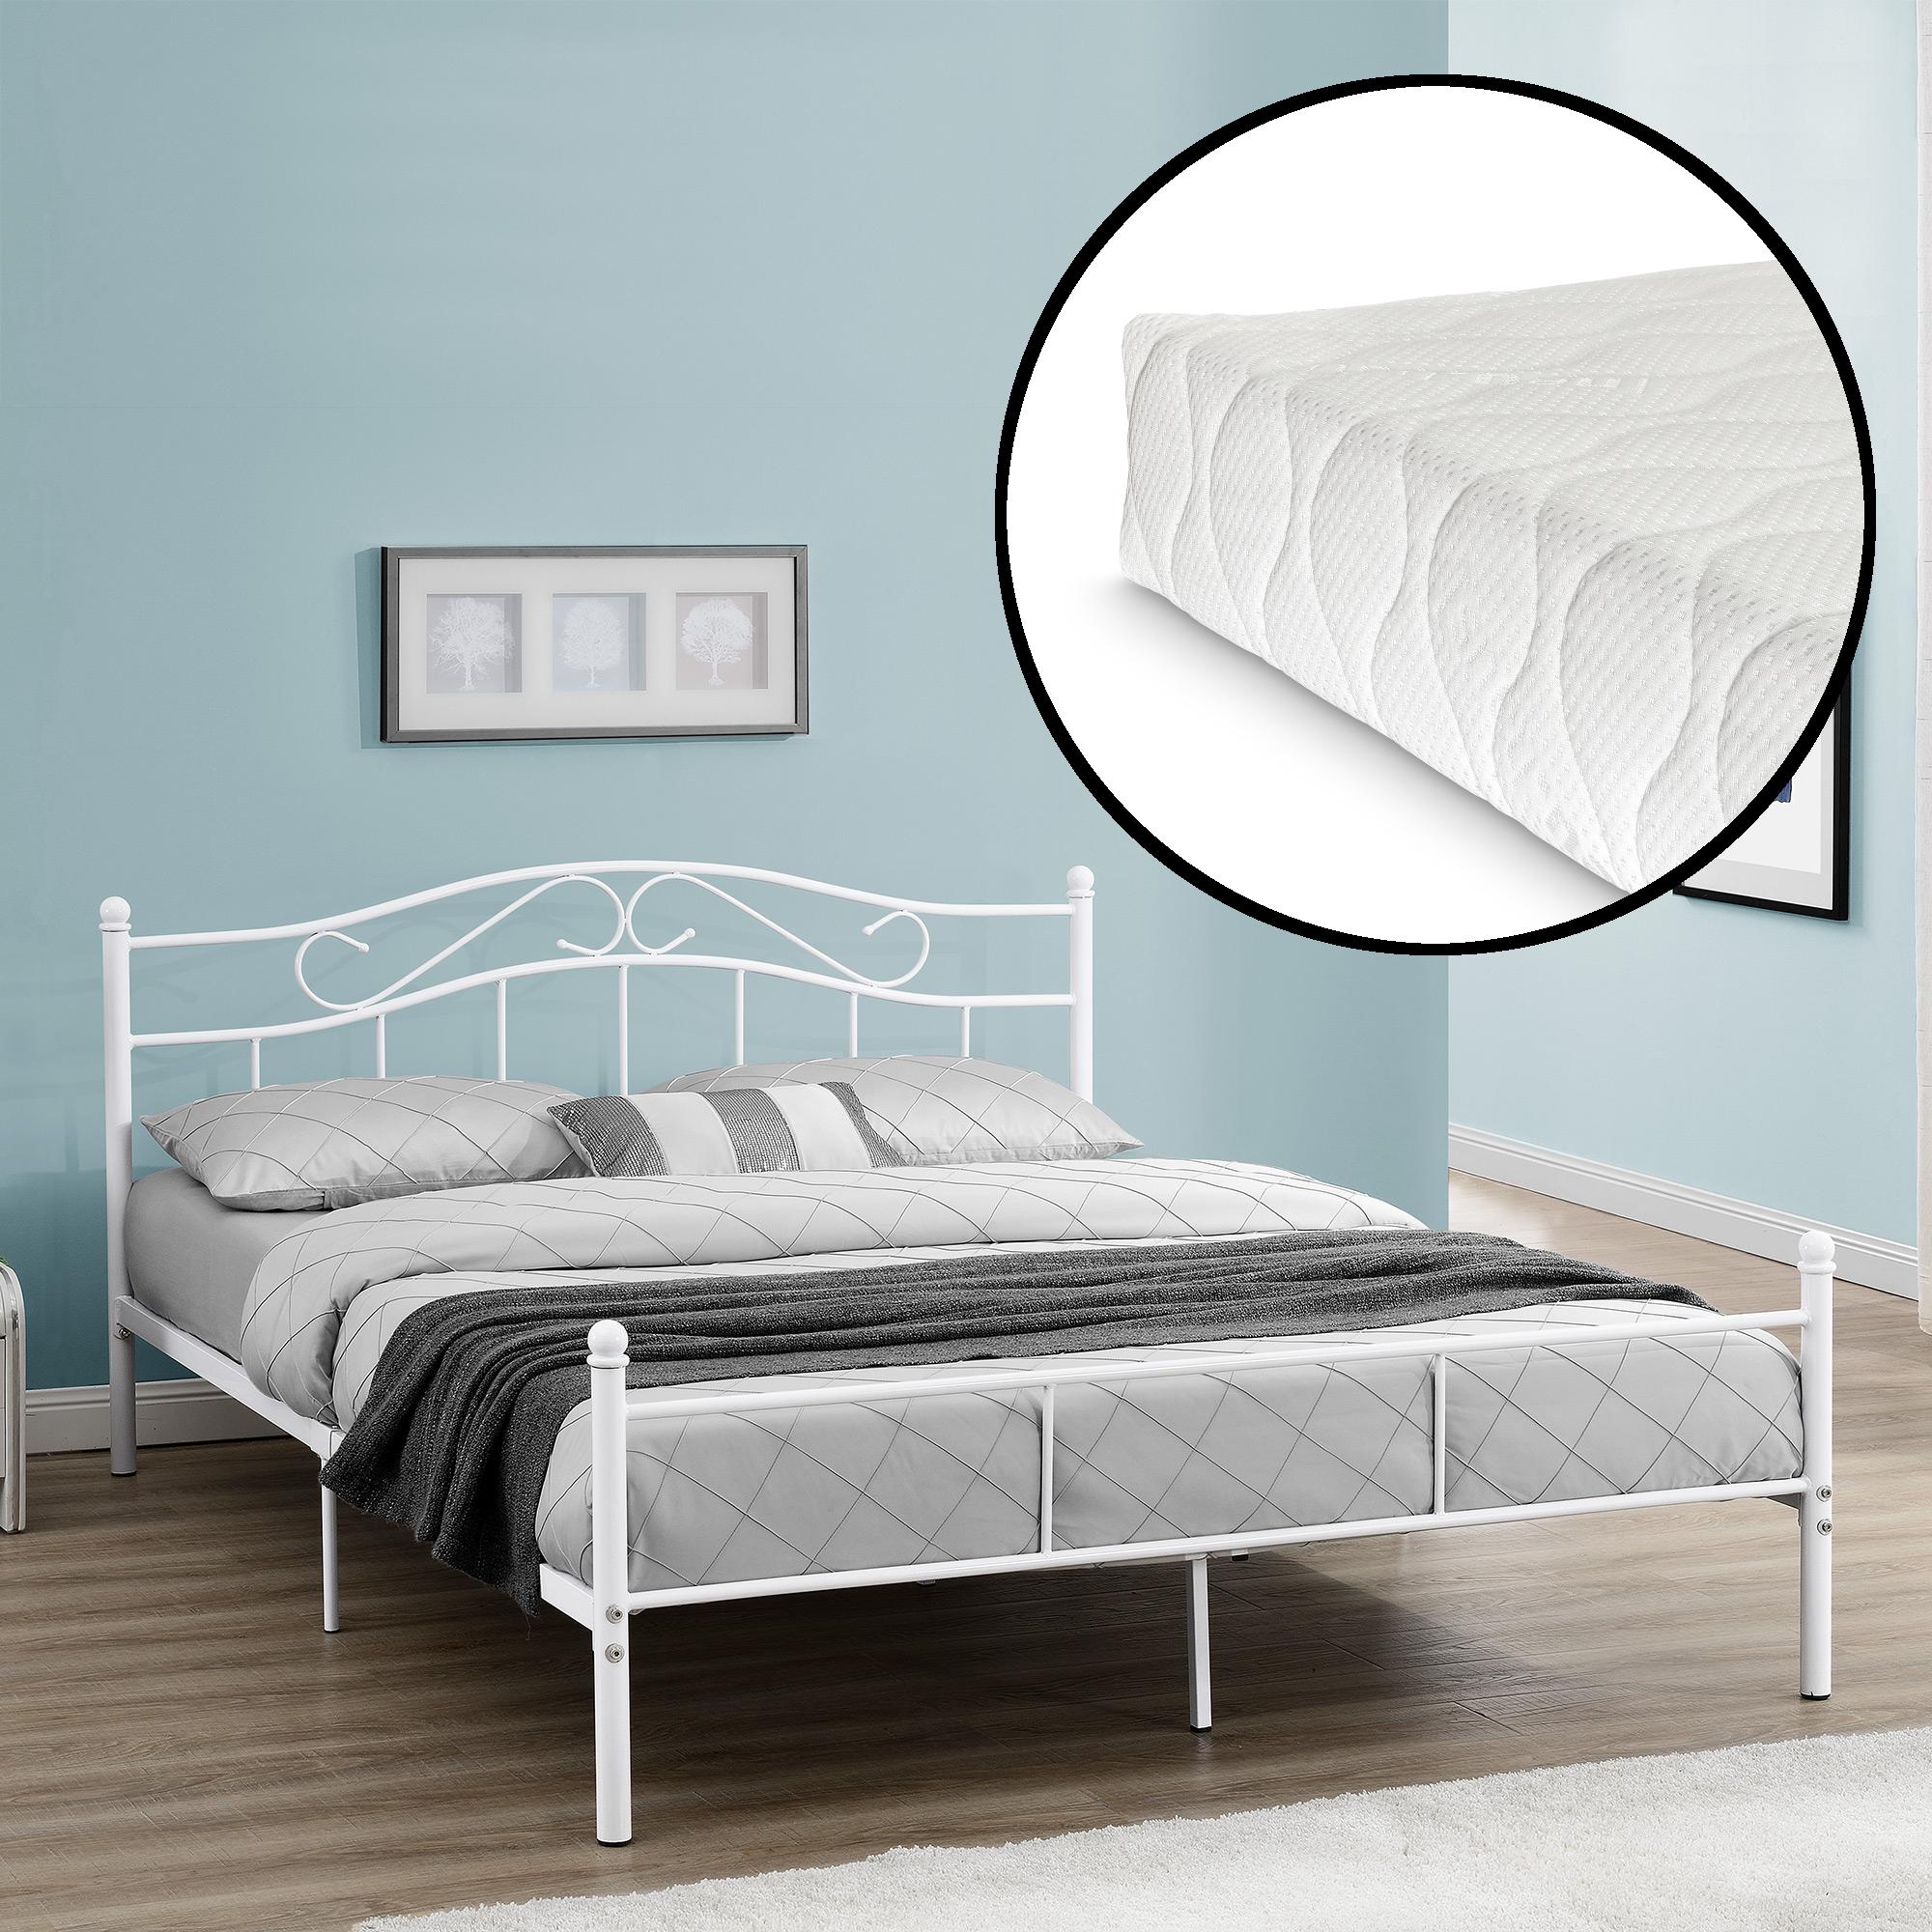 neuholz nachttisch mit schublade wei kunstleder nachtkommode beistelltisch ebay. Black Bedroom Furniture Sets. Home Design Ideas